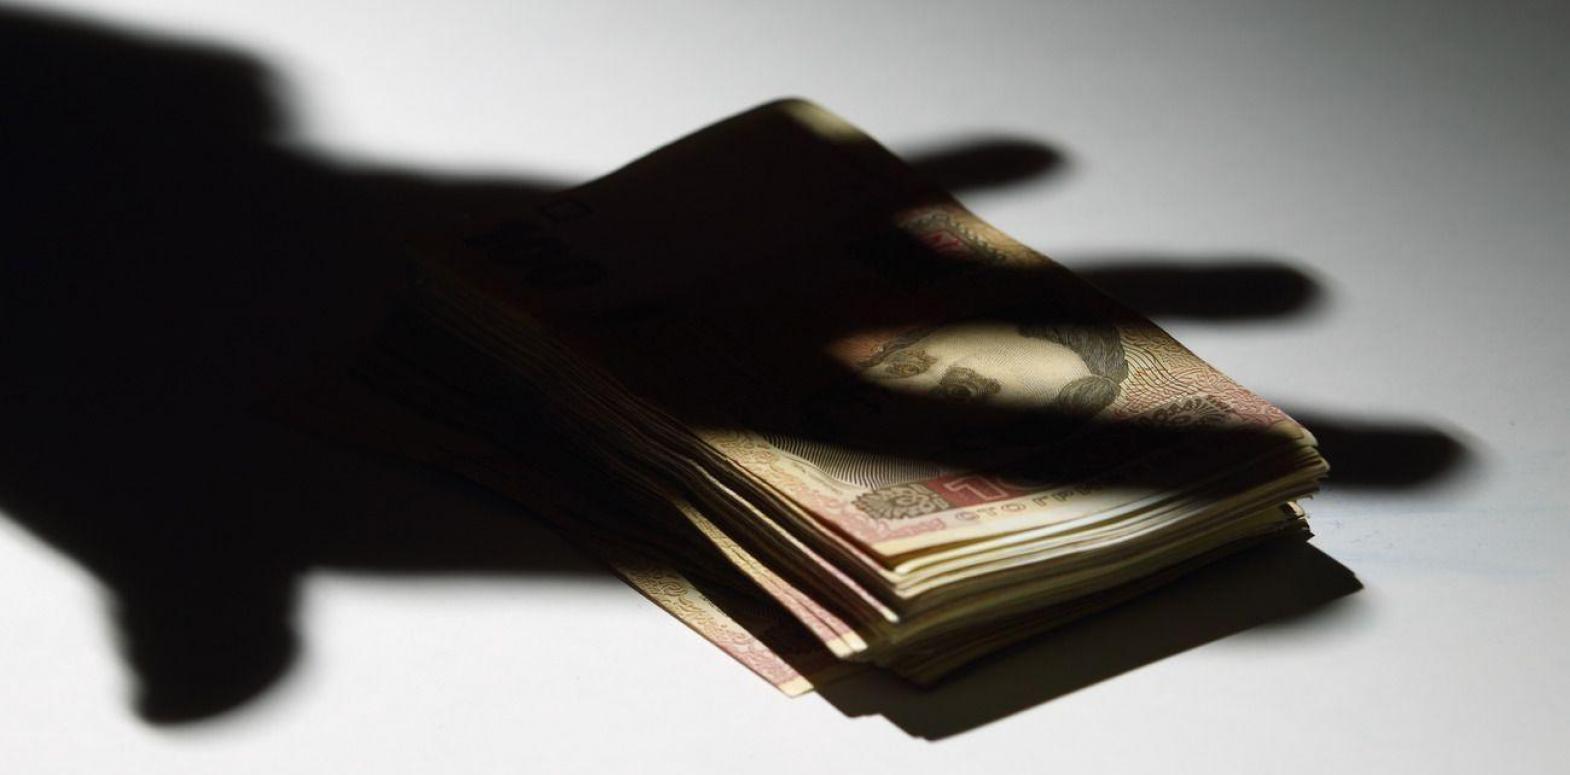 В Полтавской ОГА обвинили главу ОТГ в подделке документов для получения 15 млн гривен из ГФРР